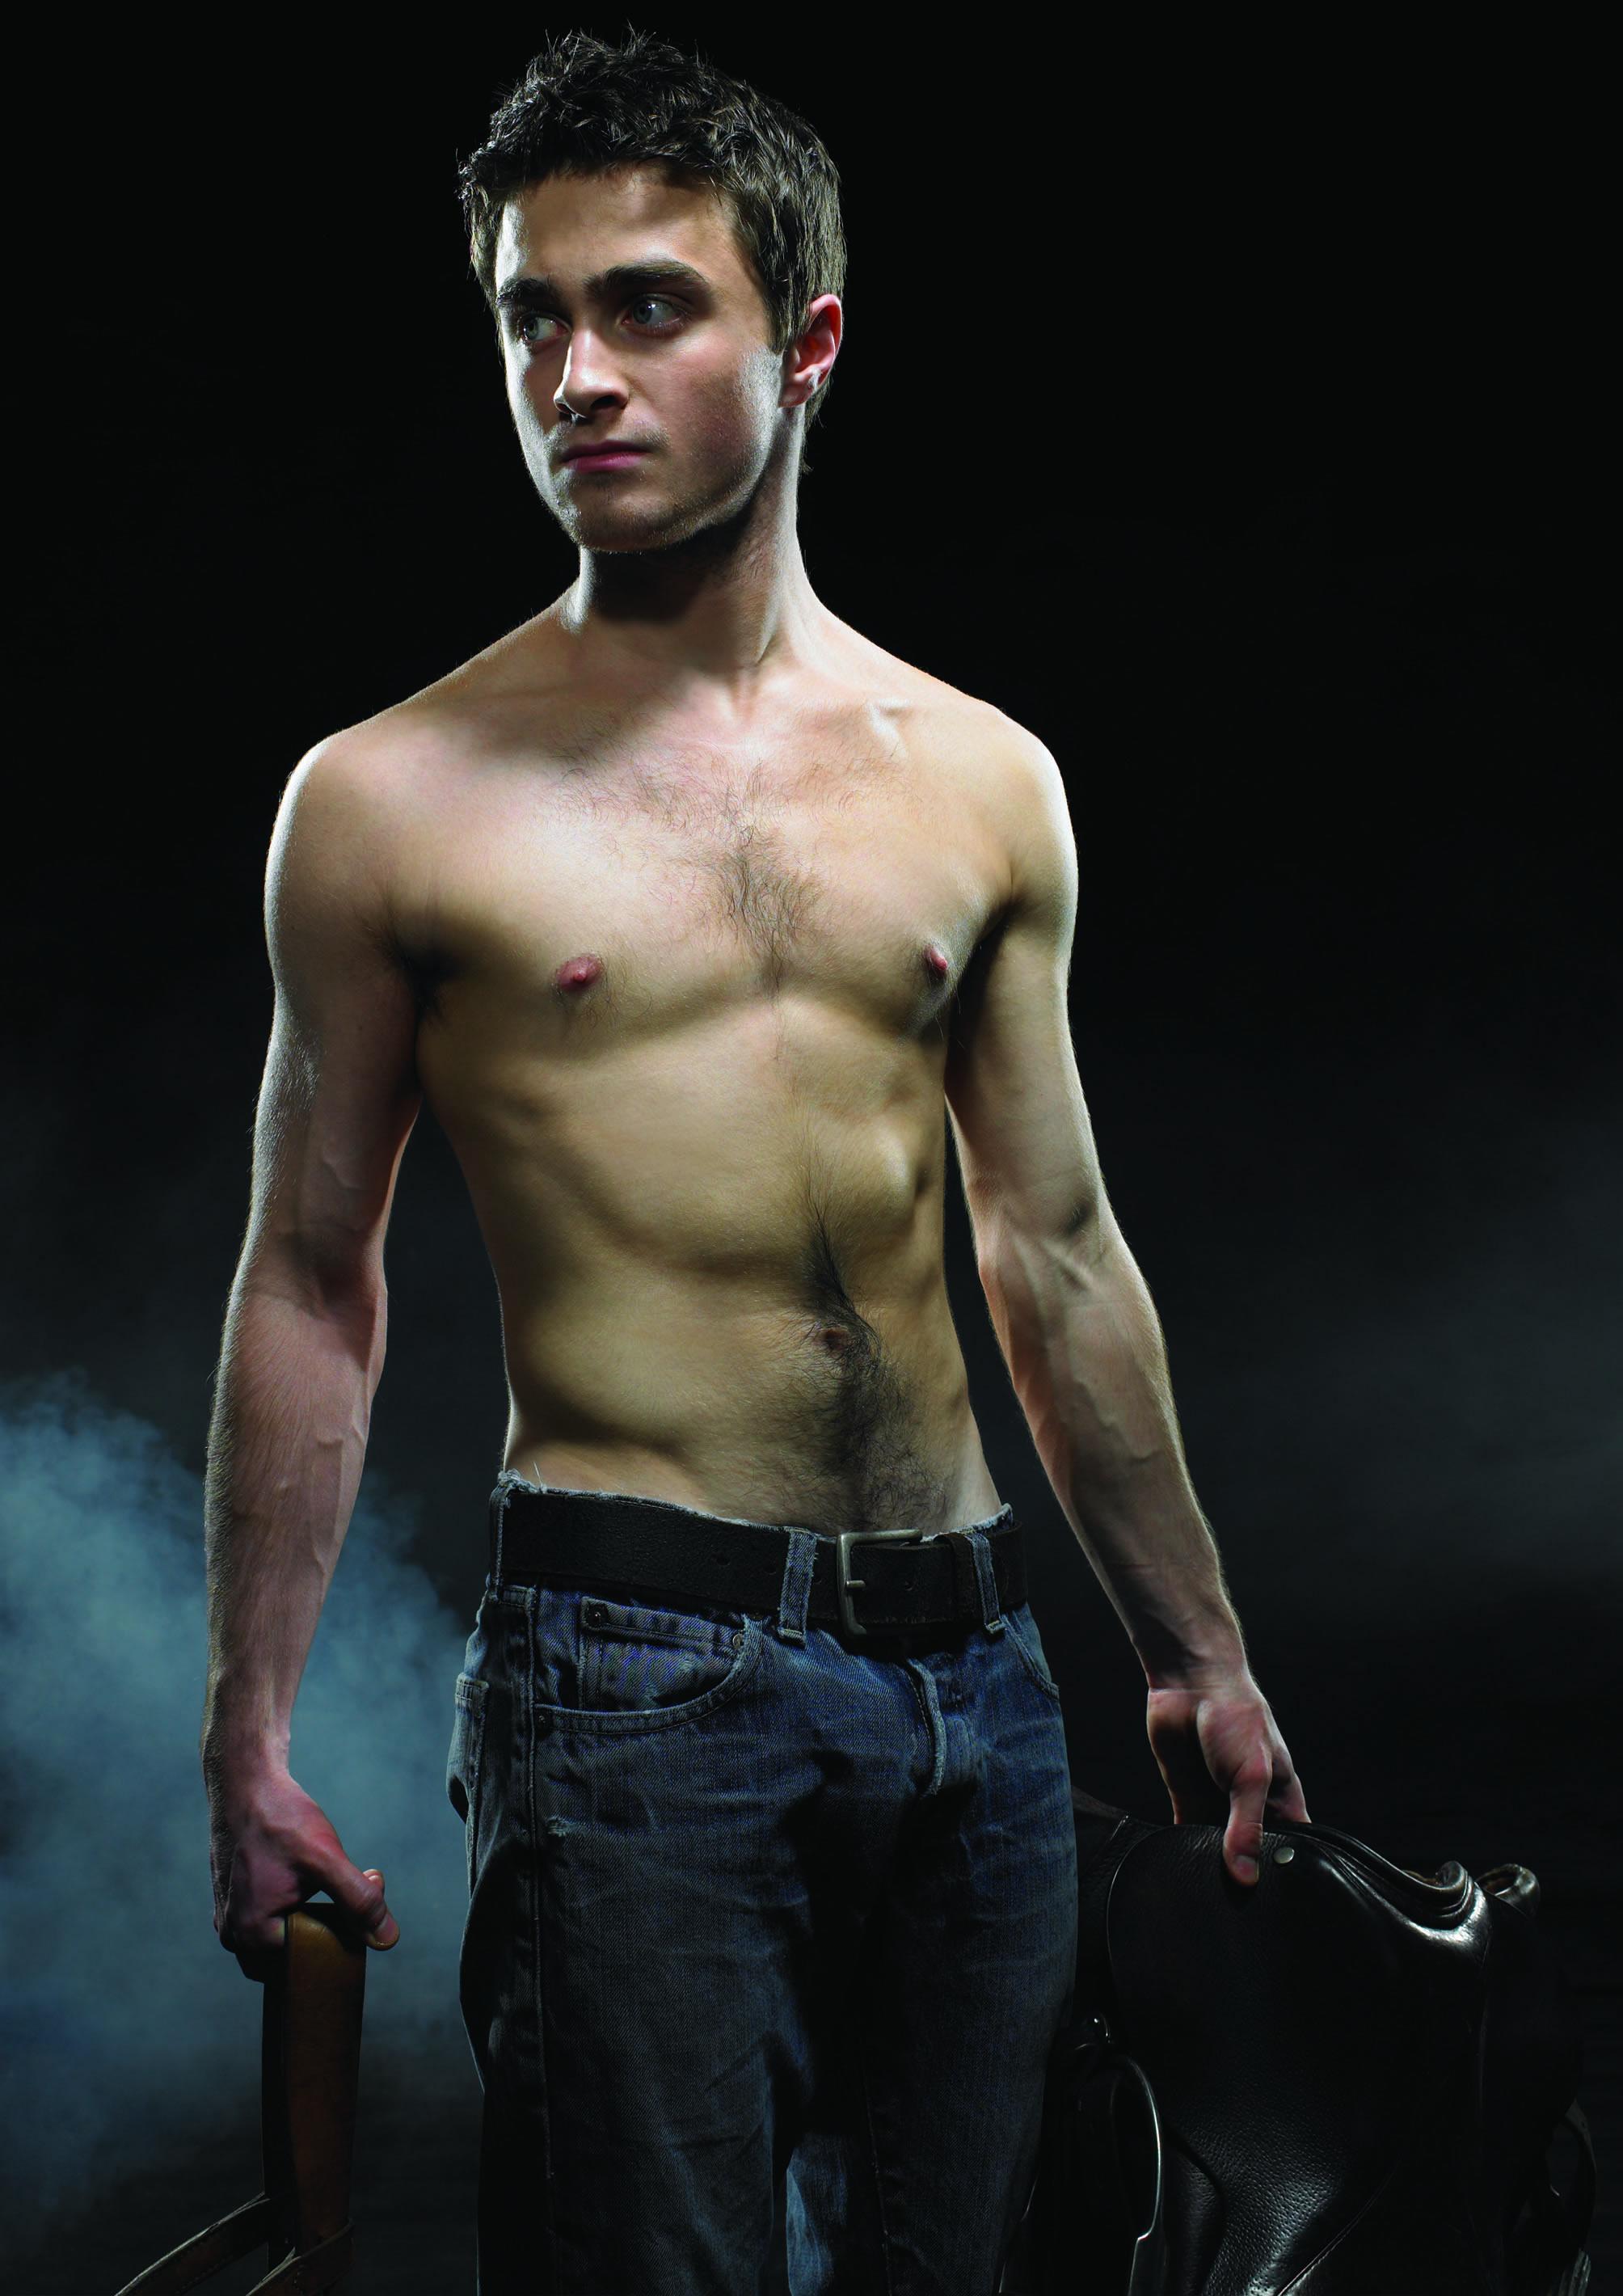 Дэниел Рэдклифф фото голый (Daniel Radcliffe photos nude) .